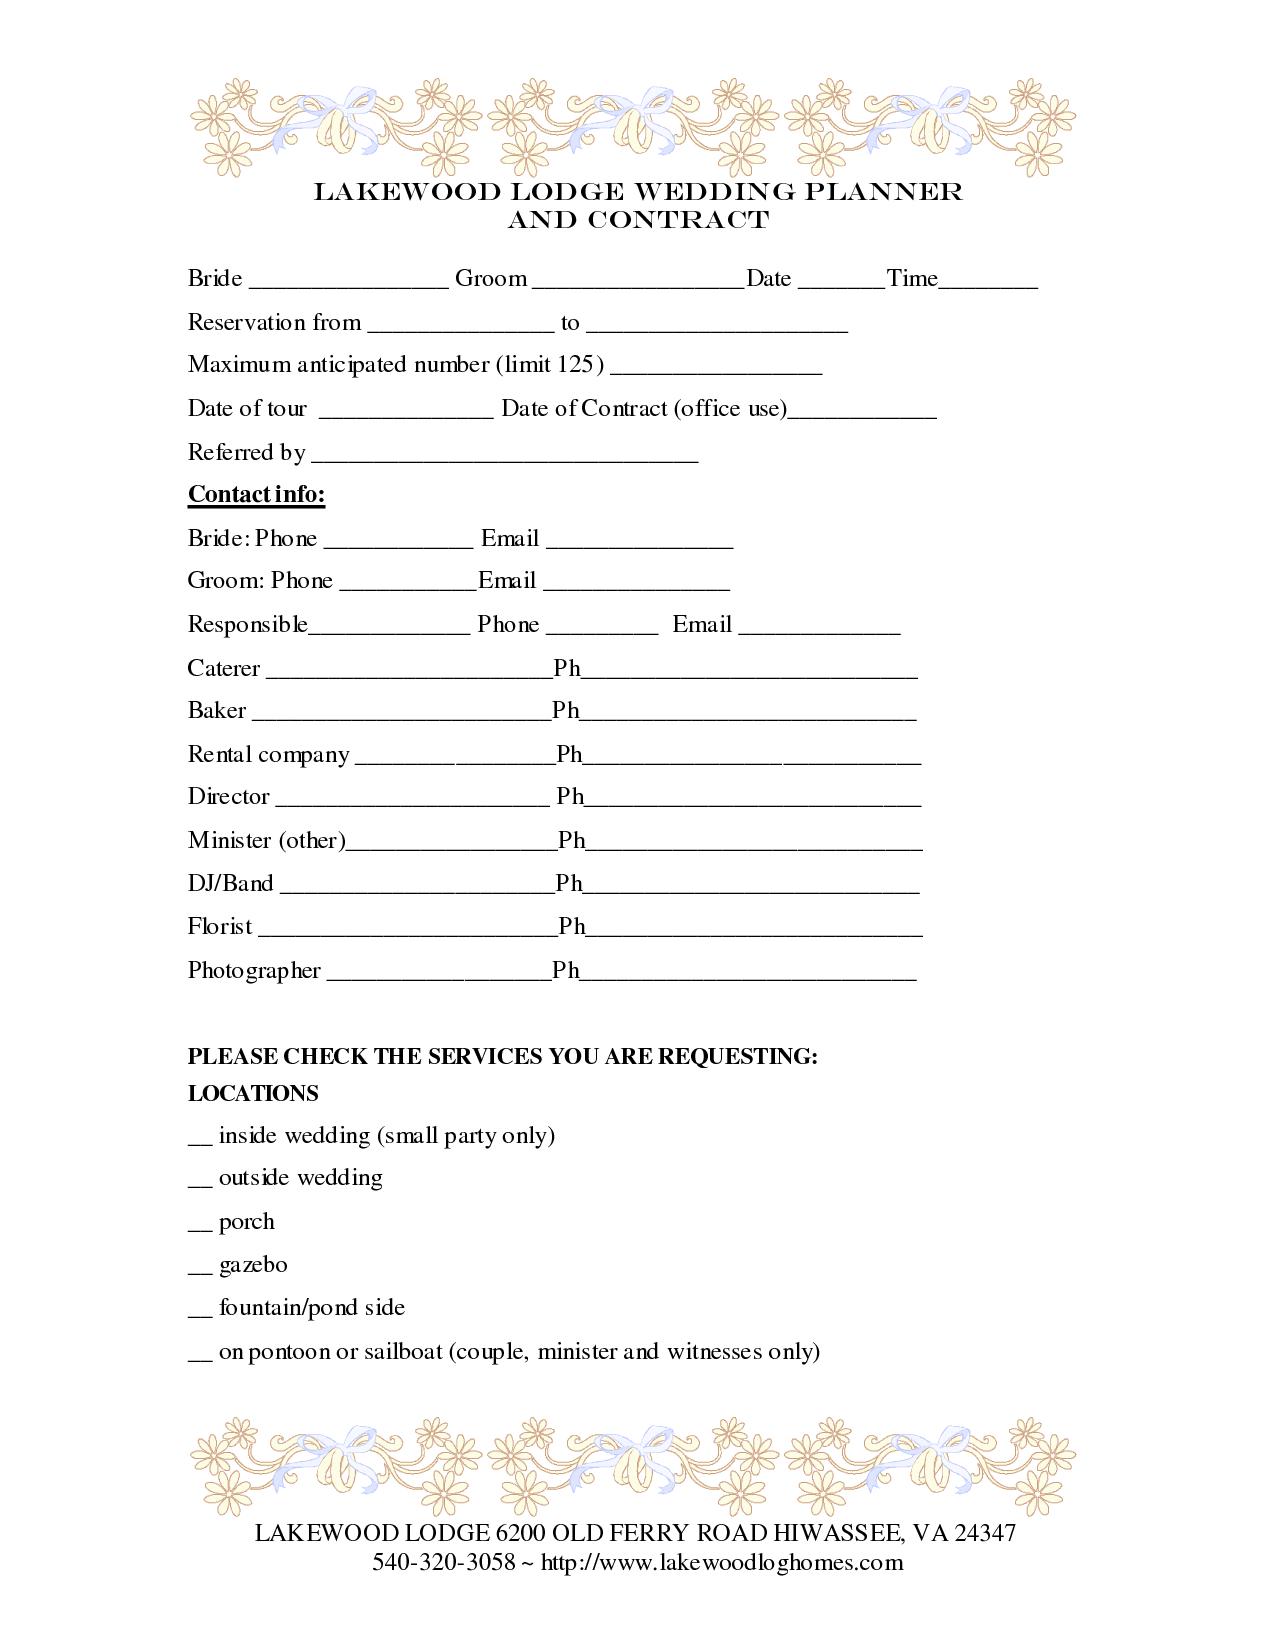 Contrat de production musicale pdf